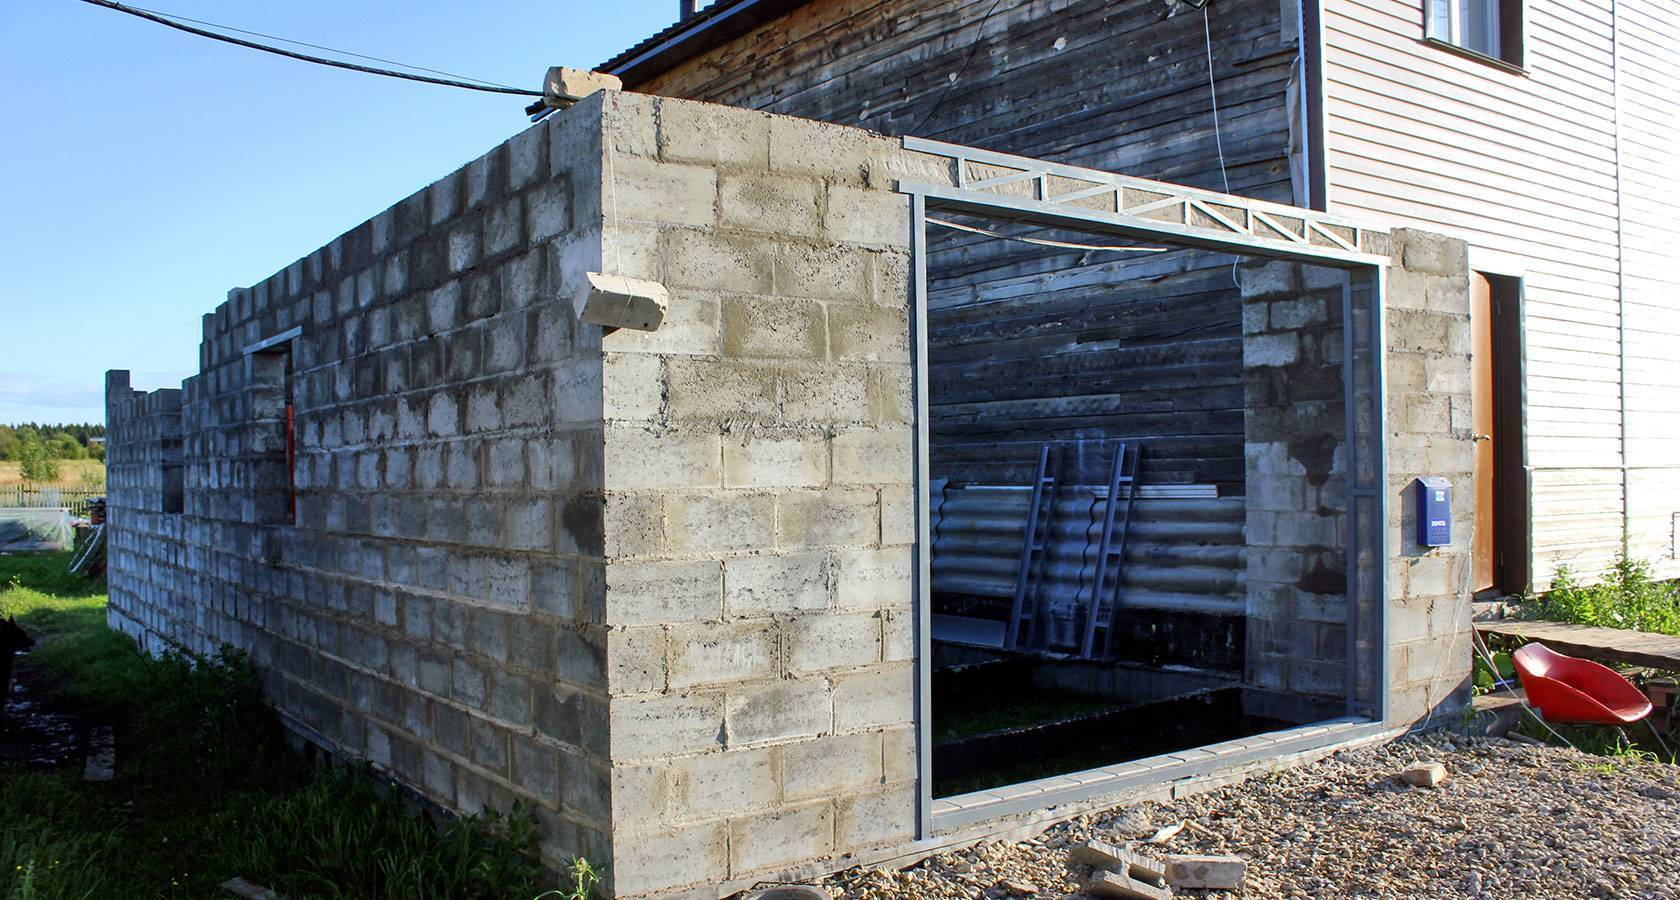 Дом из шлакоблока: за и против, технология производства блоков в домашних условиях, бесплатные проекты, строительство своими руками - инструкция, фото и видео-уроки